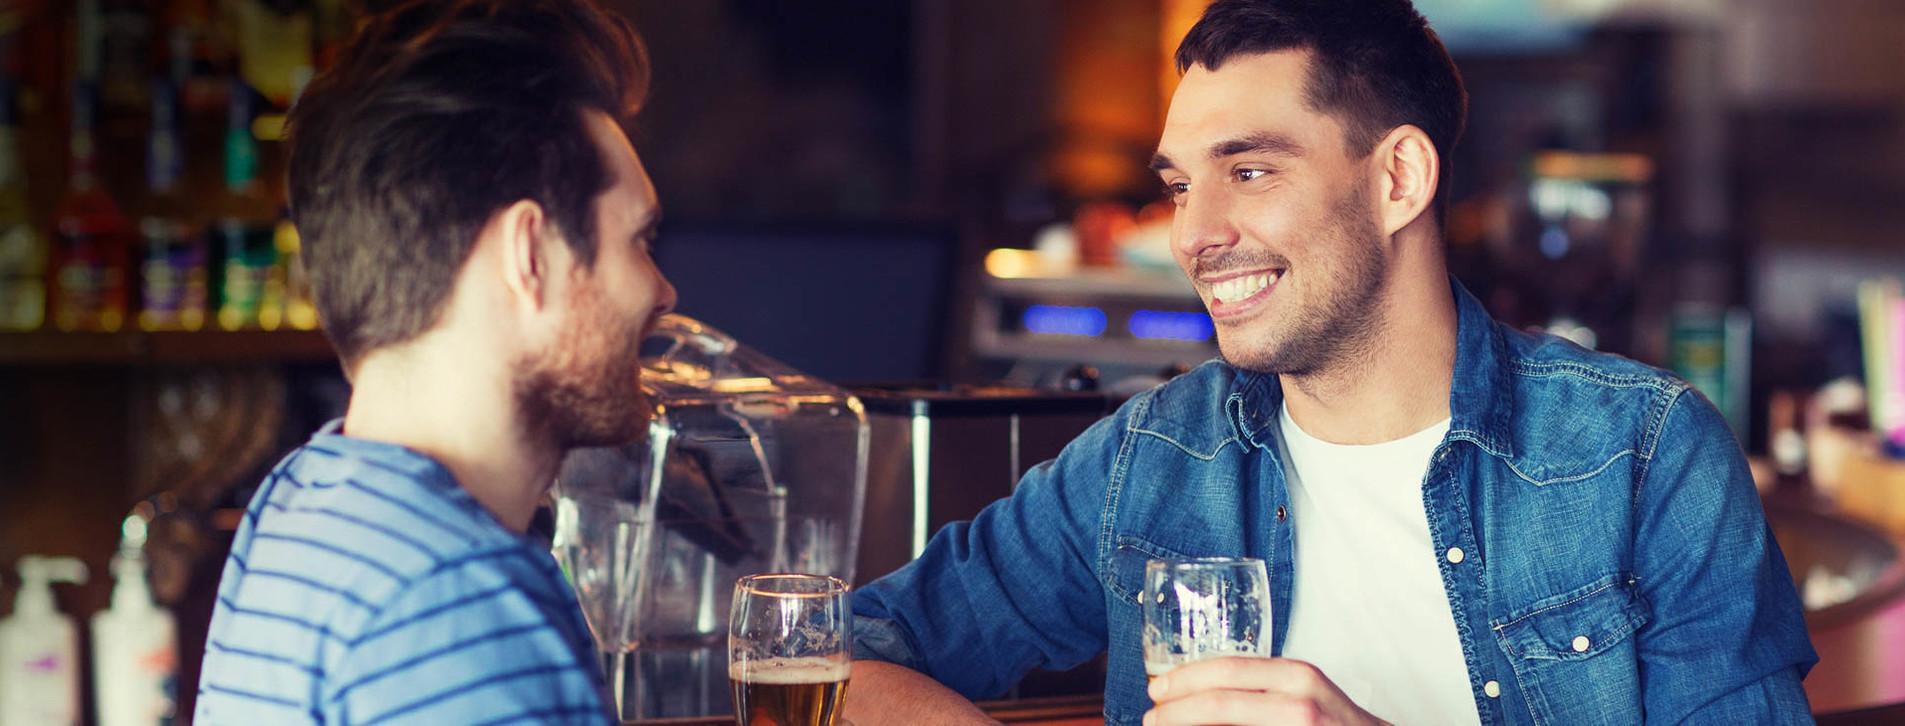 Фото 1 - Дегустация крафтового пива для двоих